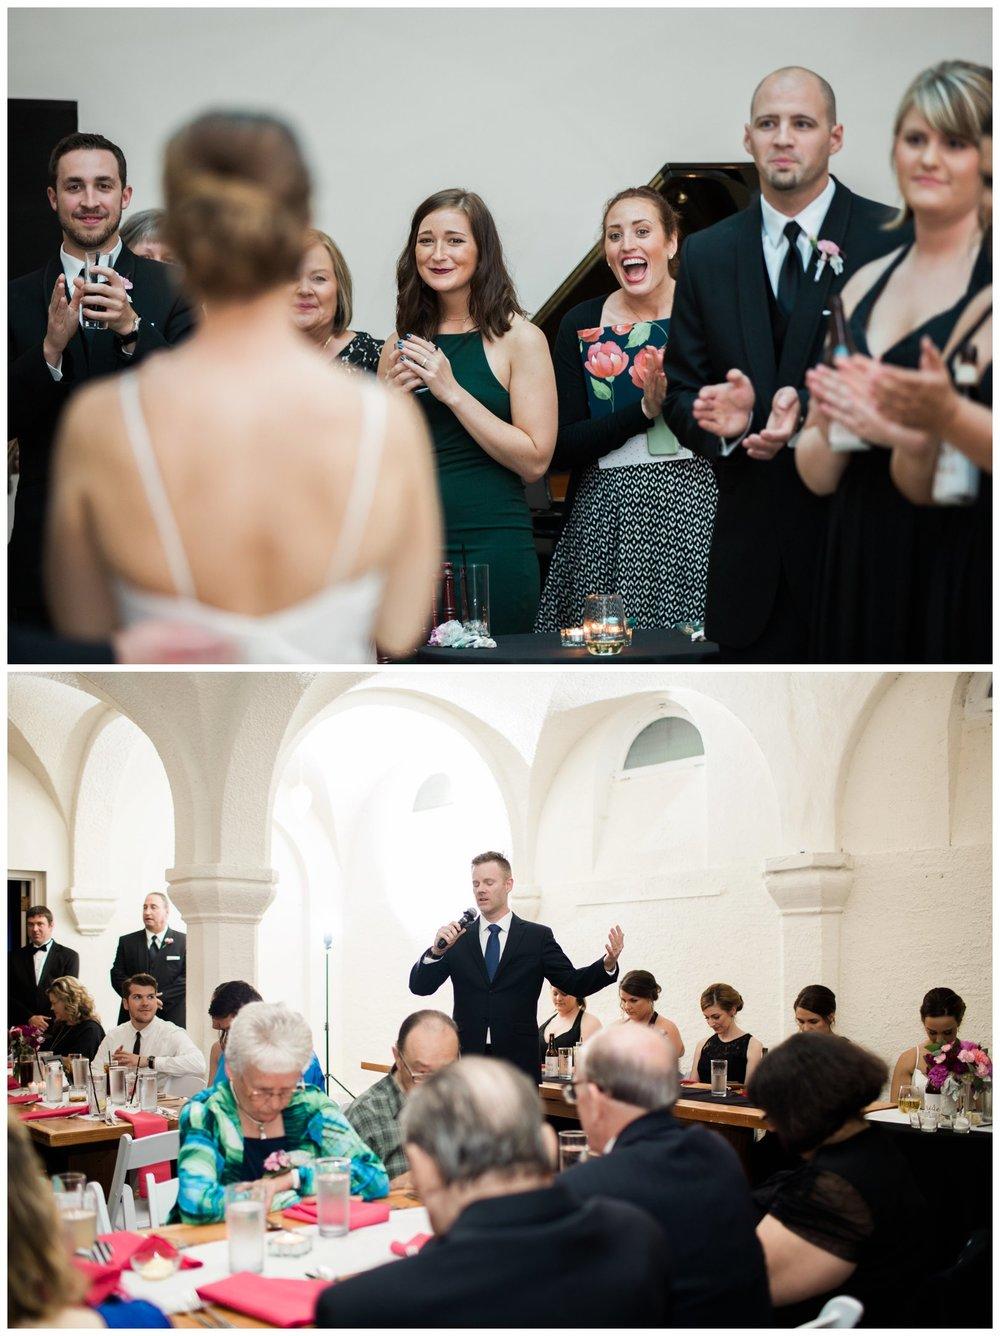 lauren muckler photography_fine art film wedding photography_st louis_photography_1122.jpg